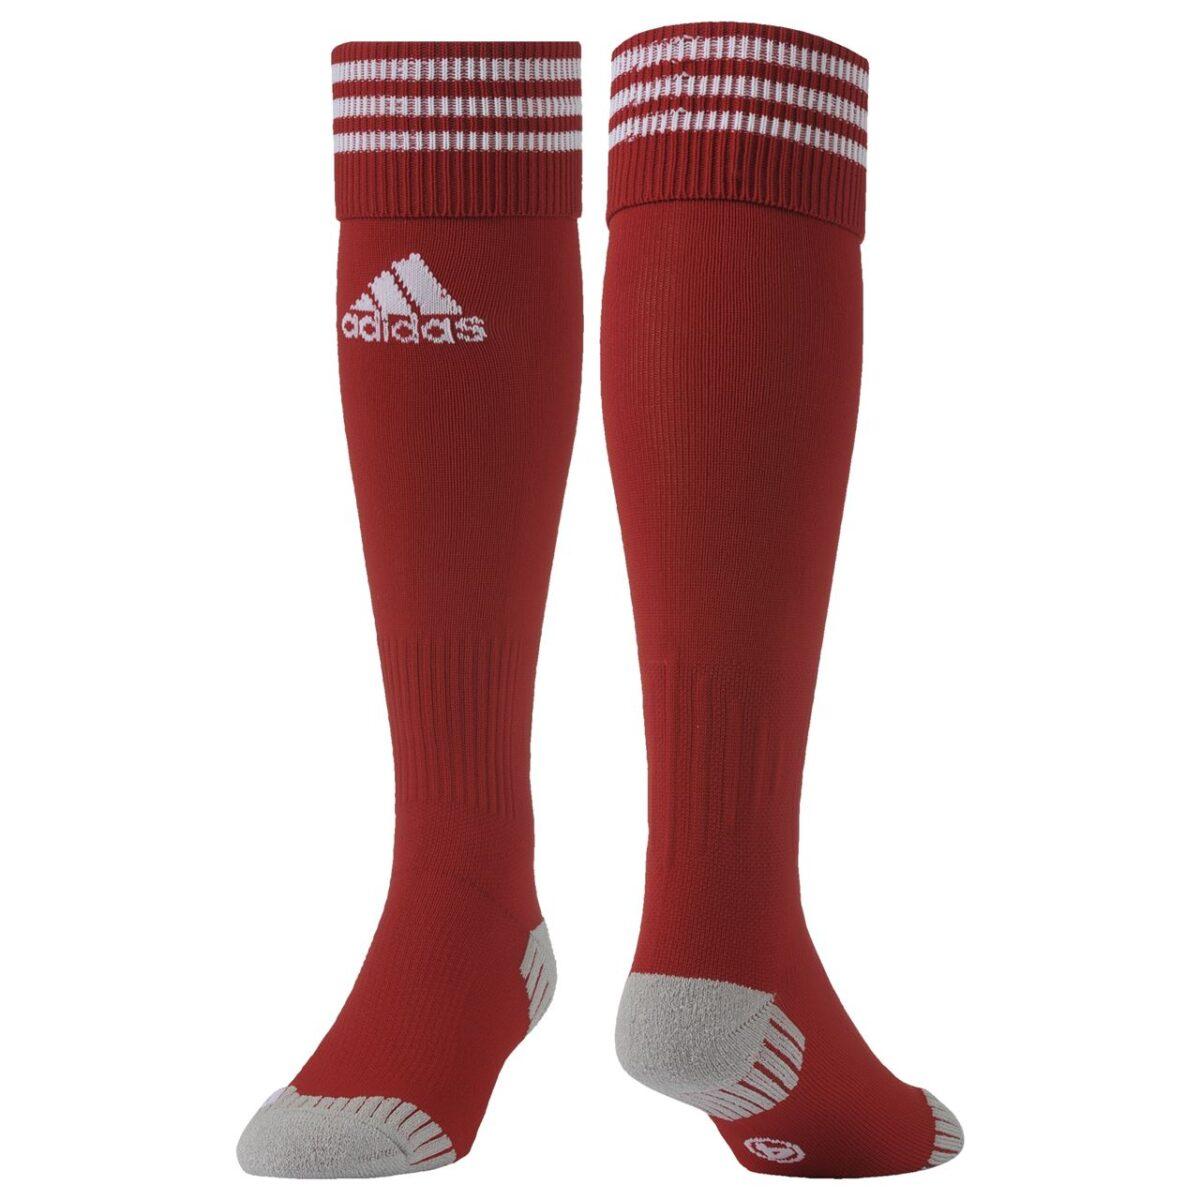 Adidas ADISOCK 12 Socks